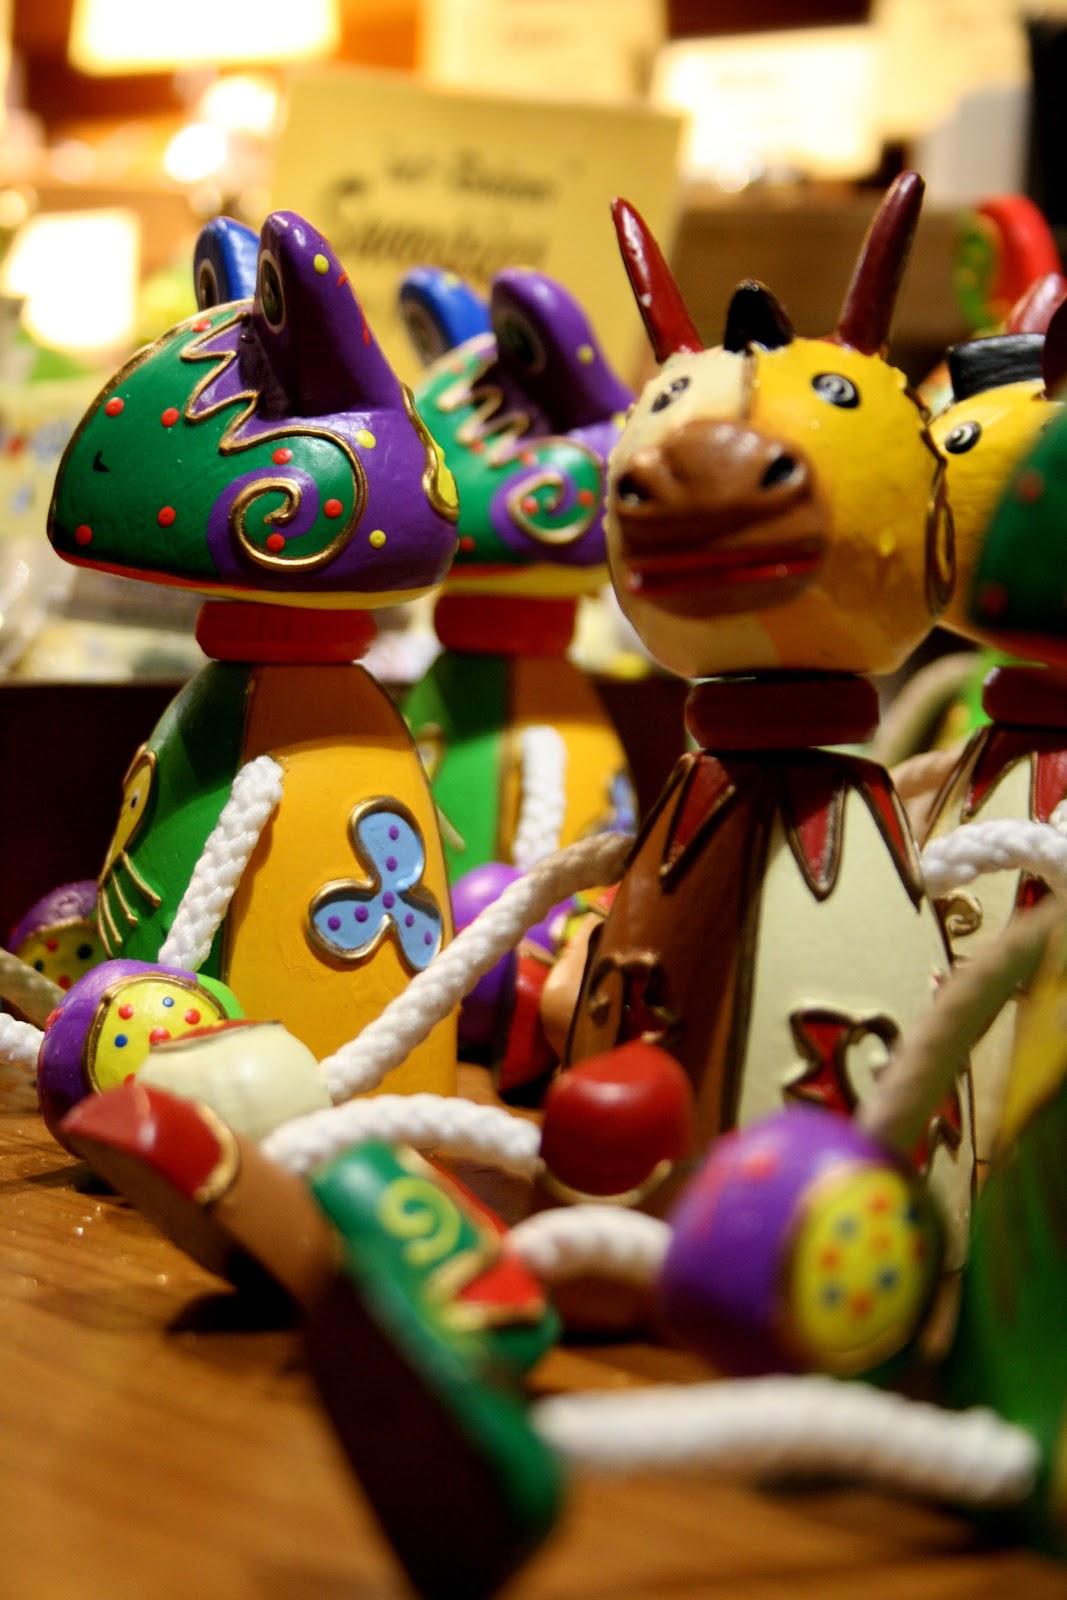 Marché de Noël de Berlin: jouets en bois